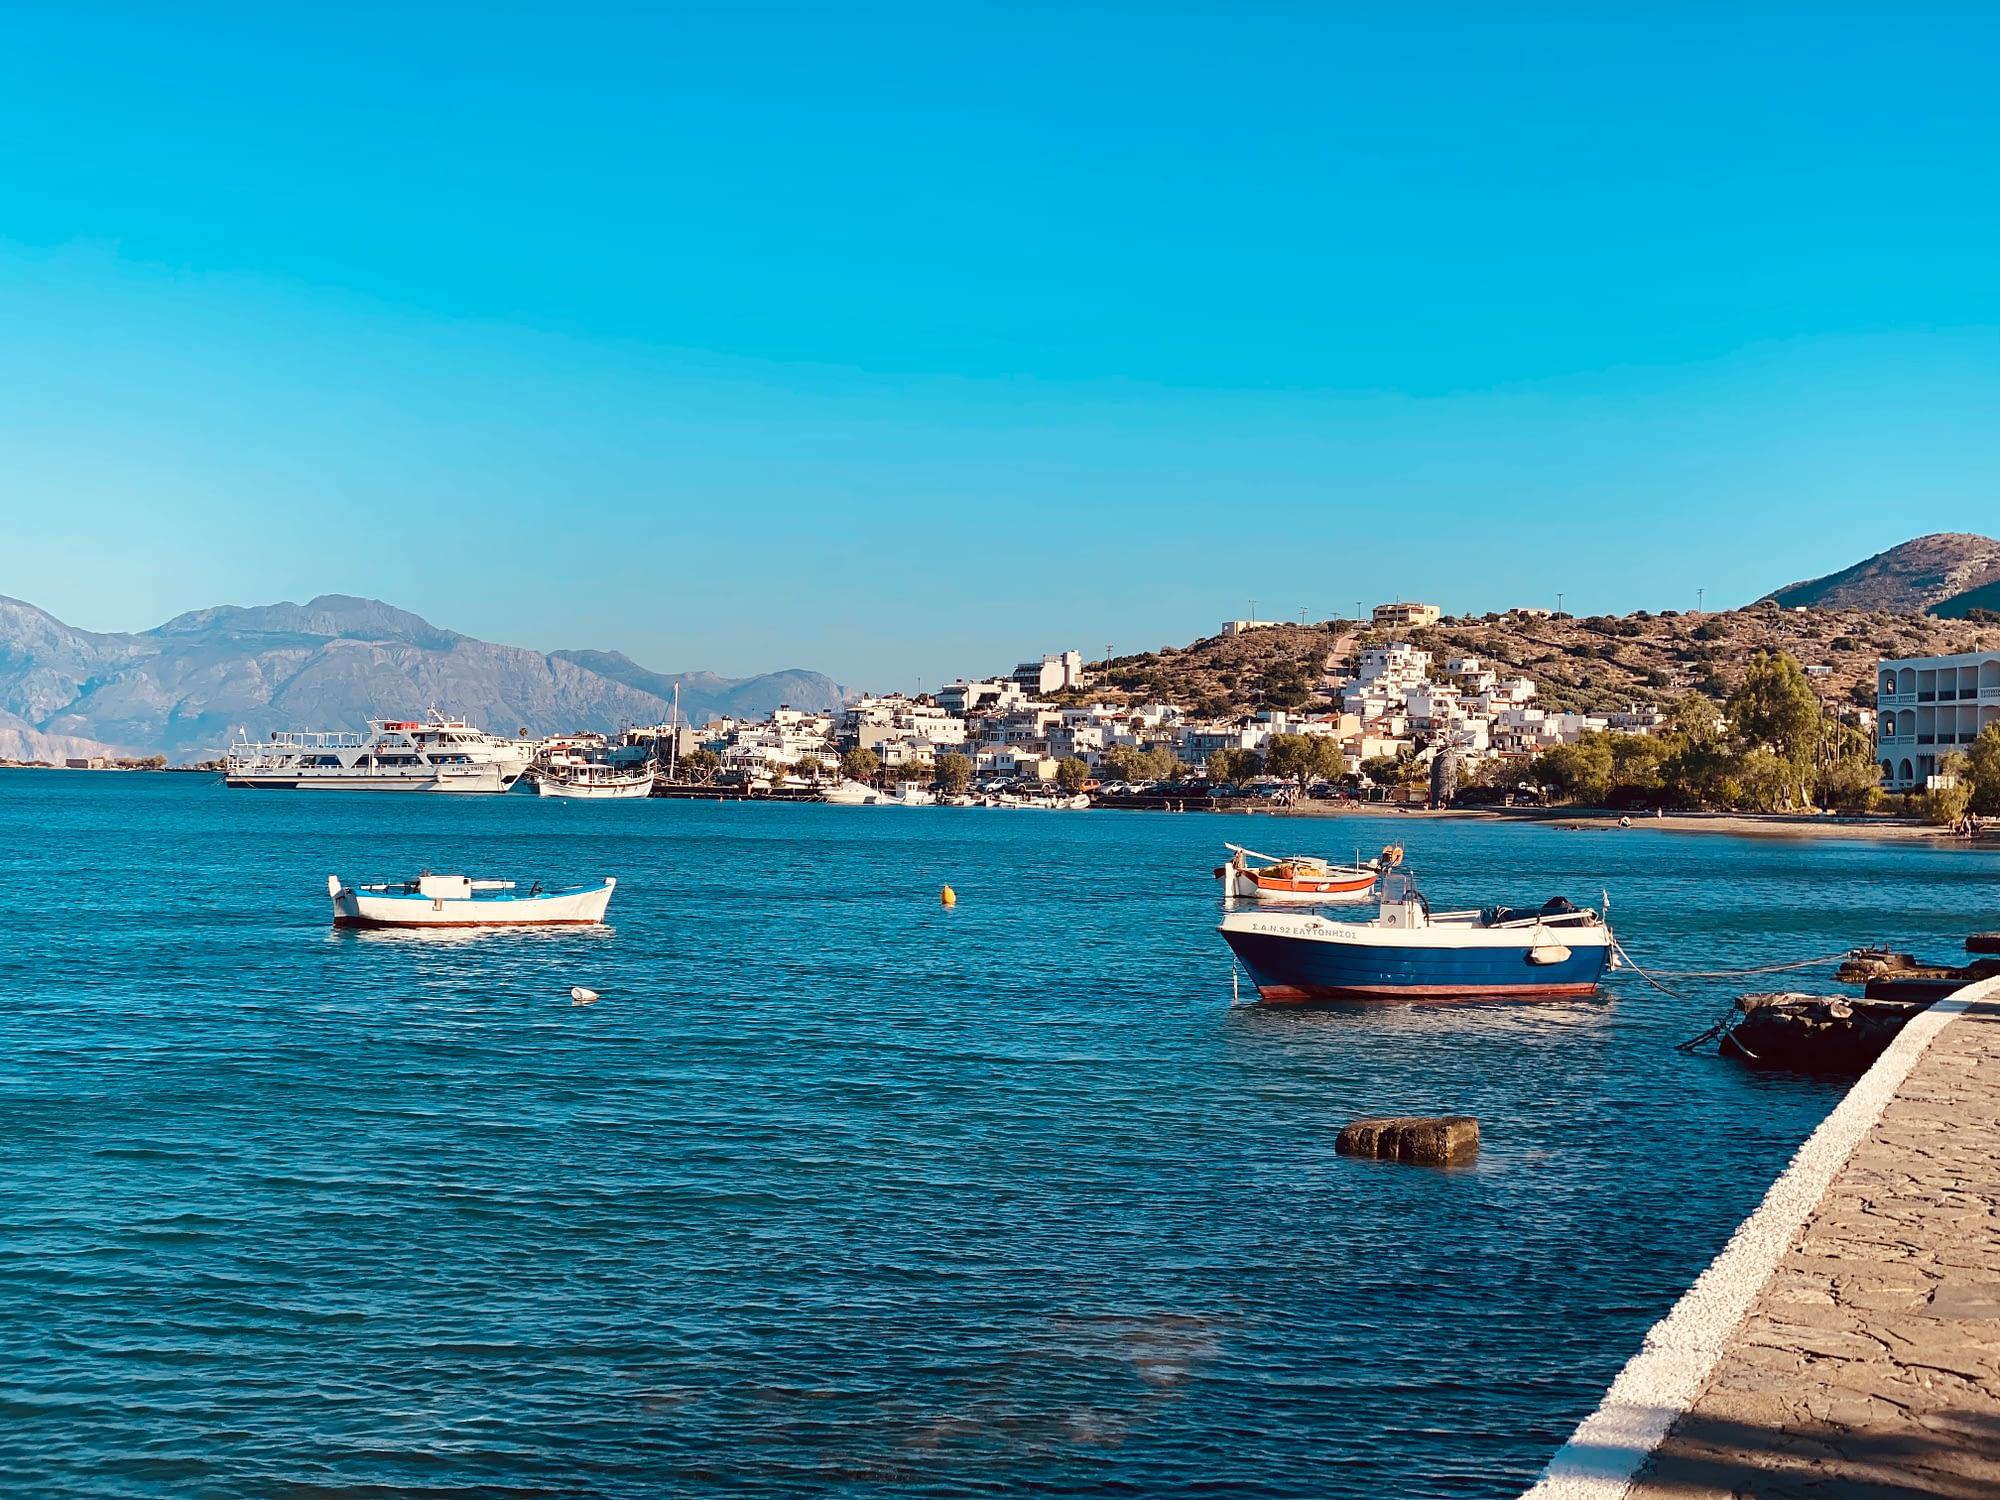 Elounta of Crete